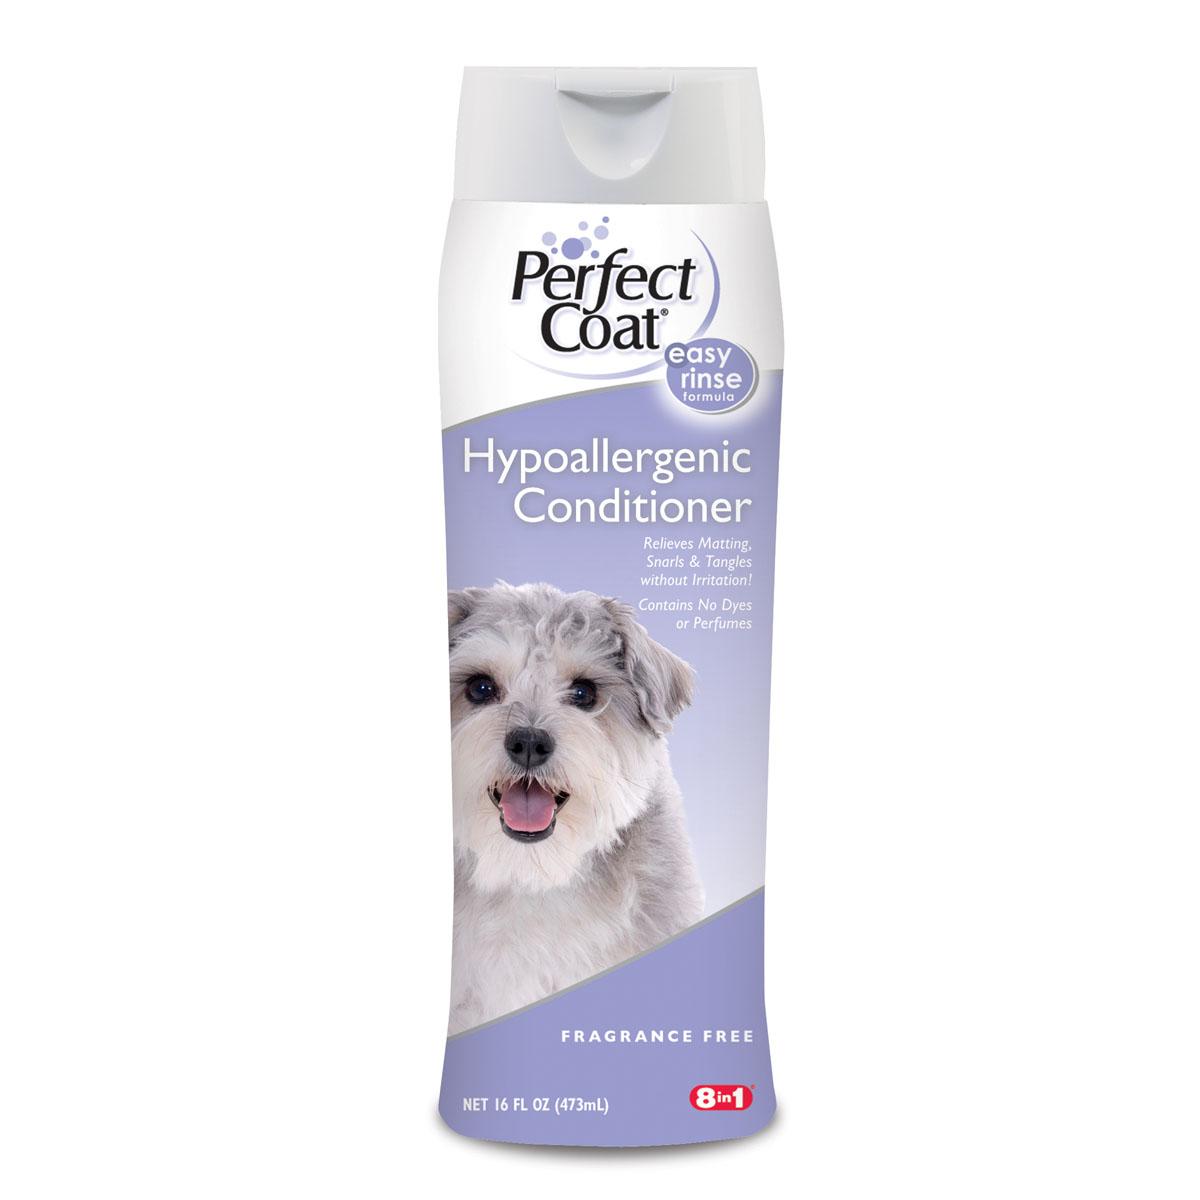 Кондиционер-ополаскиватель для собак 8in1 PC Hypoallergenic гипоаллергенный 473 мл18271848 in1 Hypoallergenic Conditioner гипоаллергенный кондиционер для собак 473 мл. Кондиционер гипоаллергенный для собак не содержит ароматизаторов и включает технологию Aller-Free™, денатурирующую белки, вызывающие аллергию. Кондиционер нейтрализует перхоть и другие раздражающие факторы, не нарушая чувствительности кожи. Обогащен Алое вера для придания шерсти мягкости и блеска. Легкосмываемая формула не содержит избыточных масел.